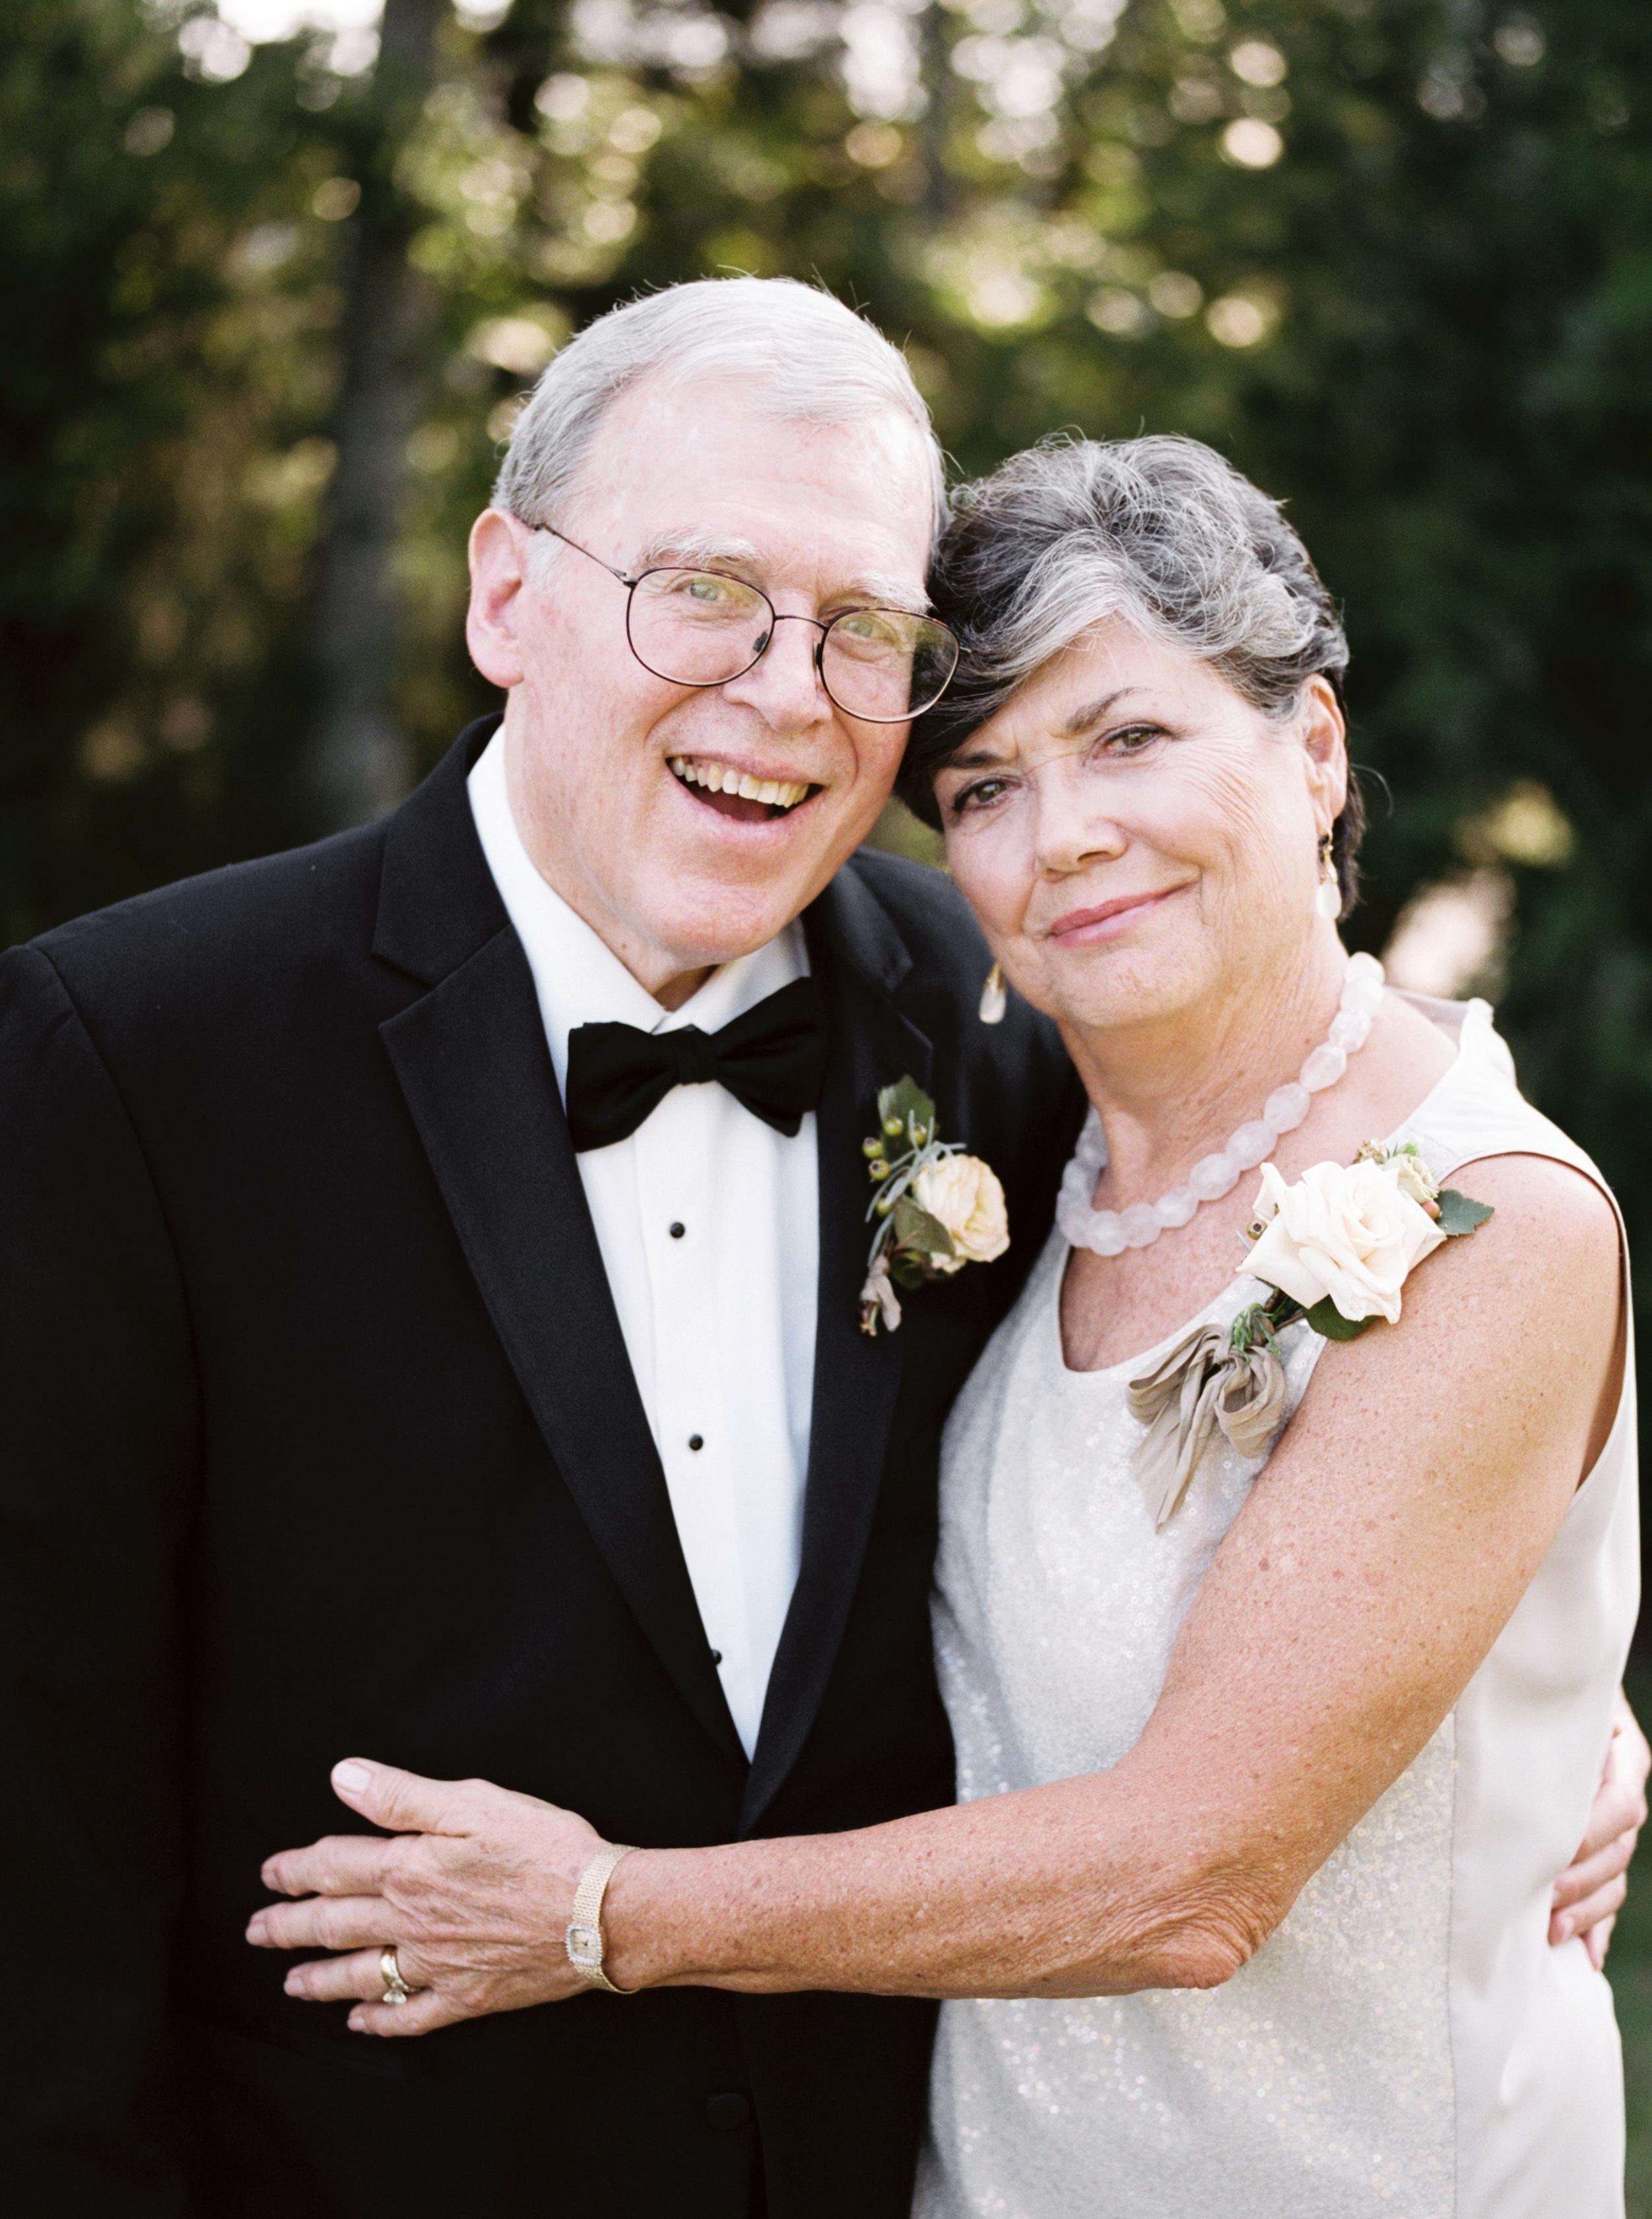 amanda william wedding tennessee parents